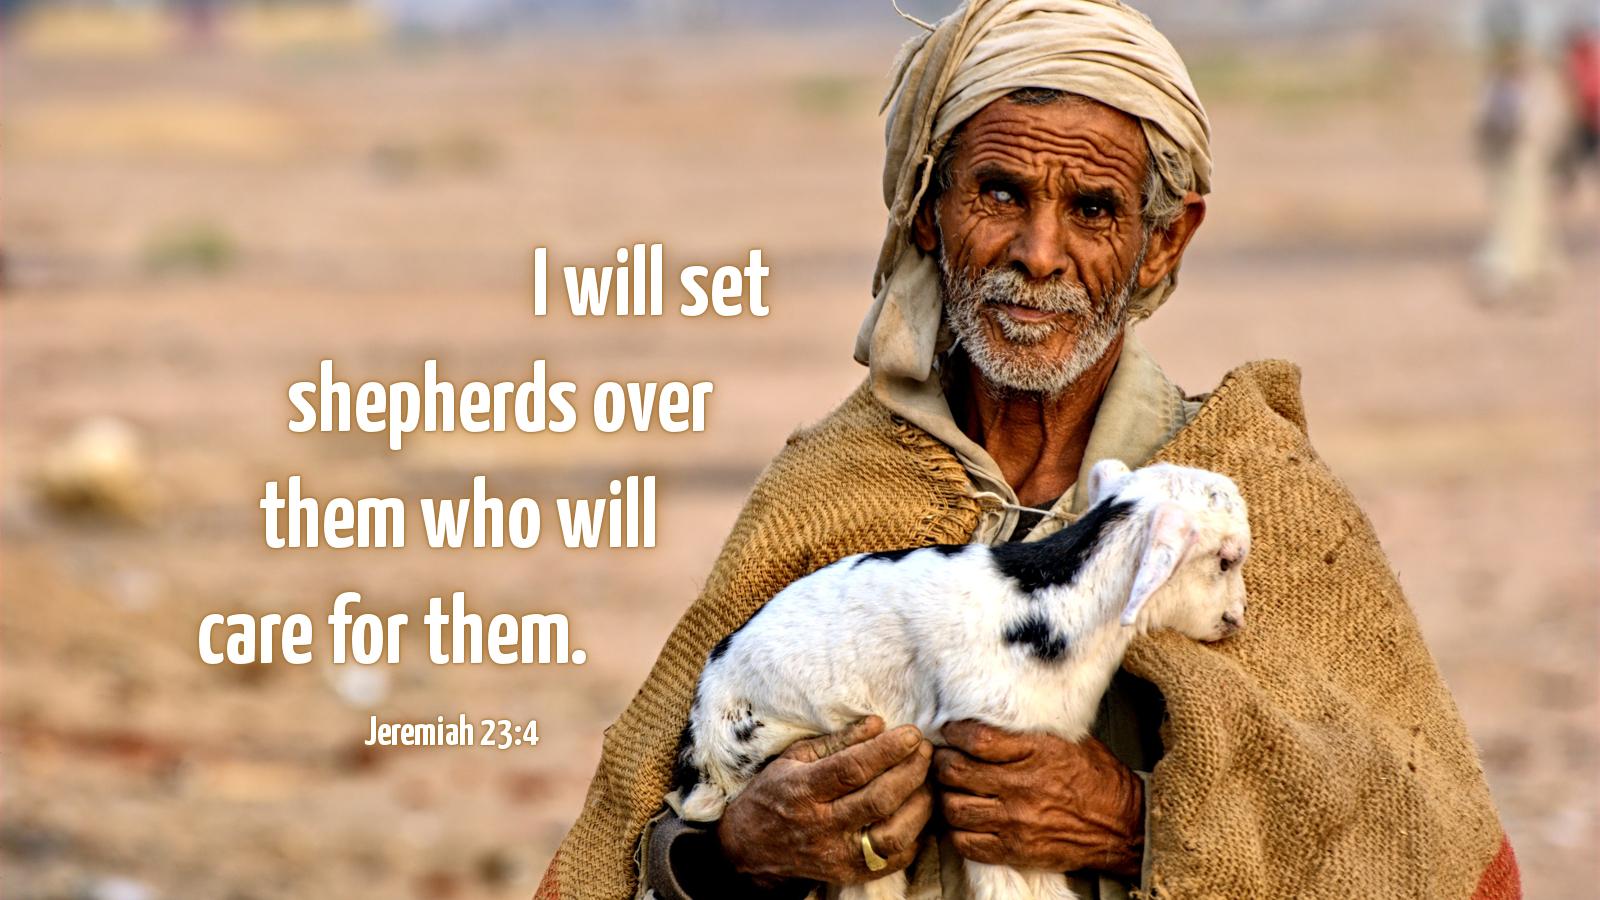 jeremiah23-4